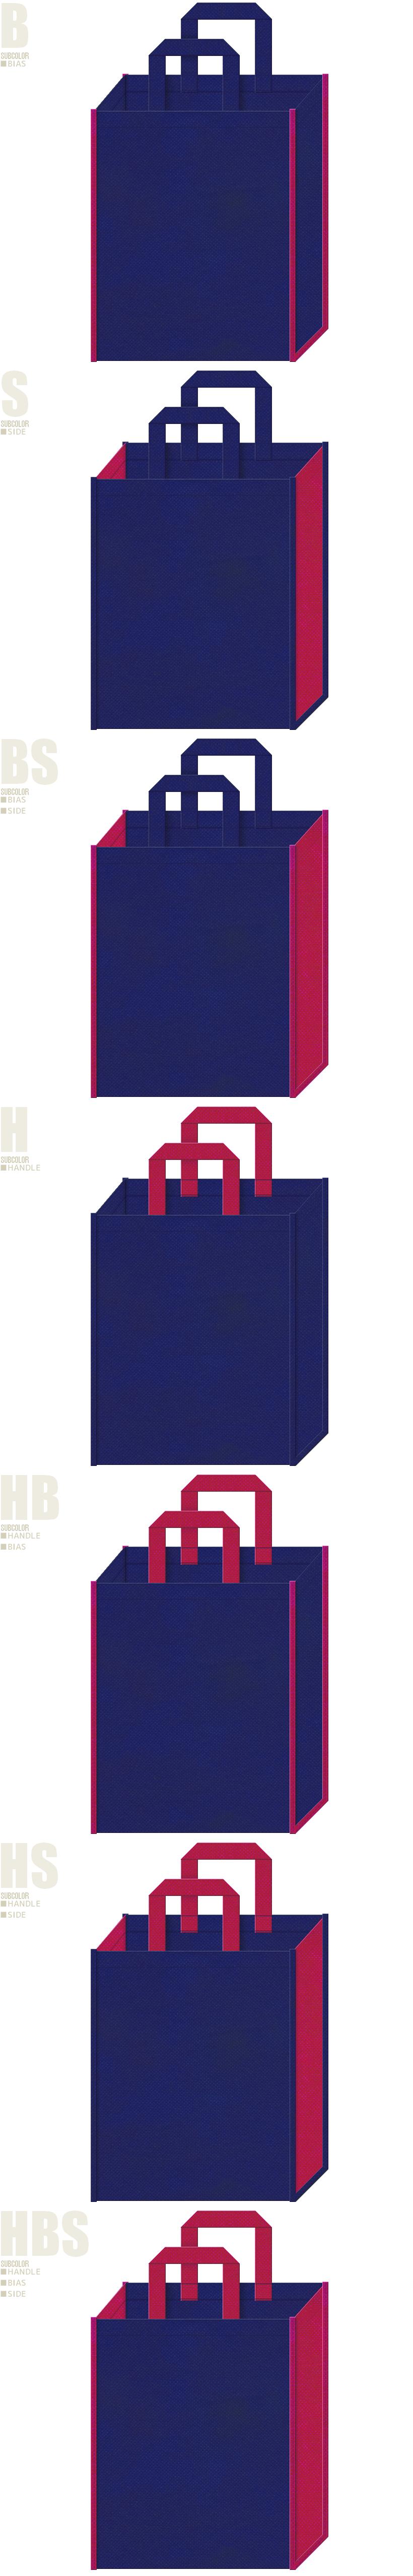 夏浴衣のイメージにお奨めの不織布バッグデザイン:明るい紺色と濃いピンク色の不織布バッグ配色7パターン